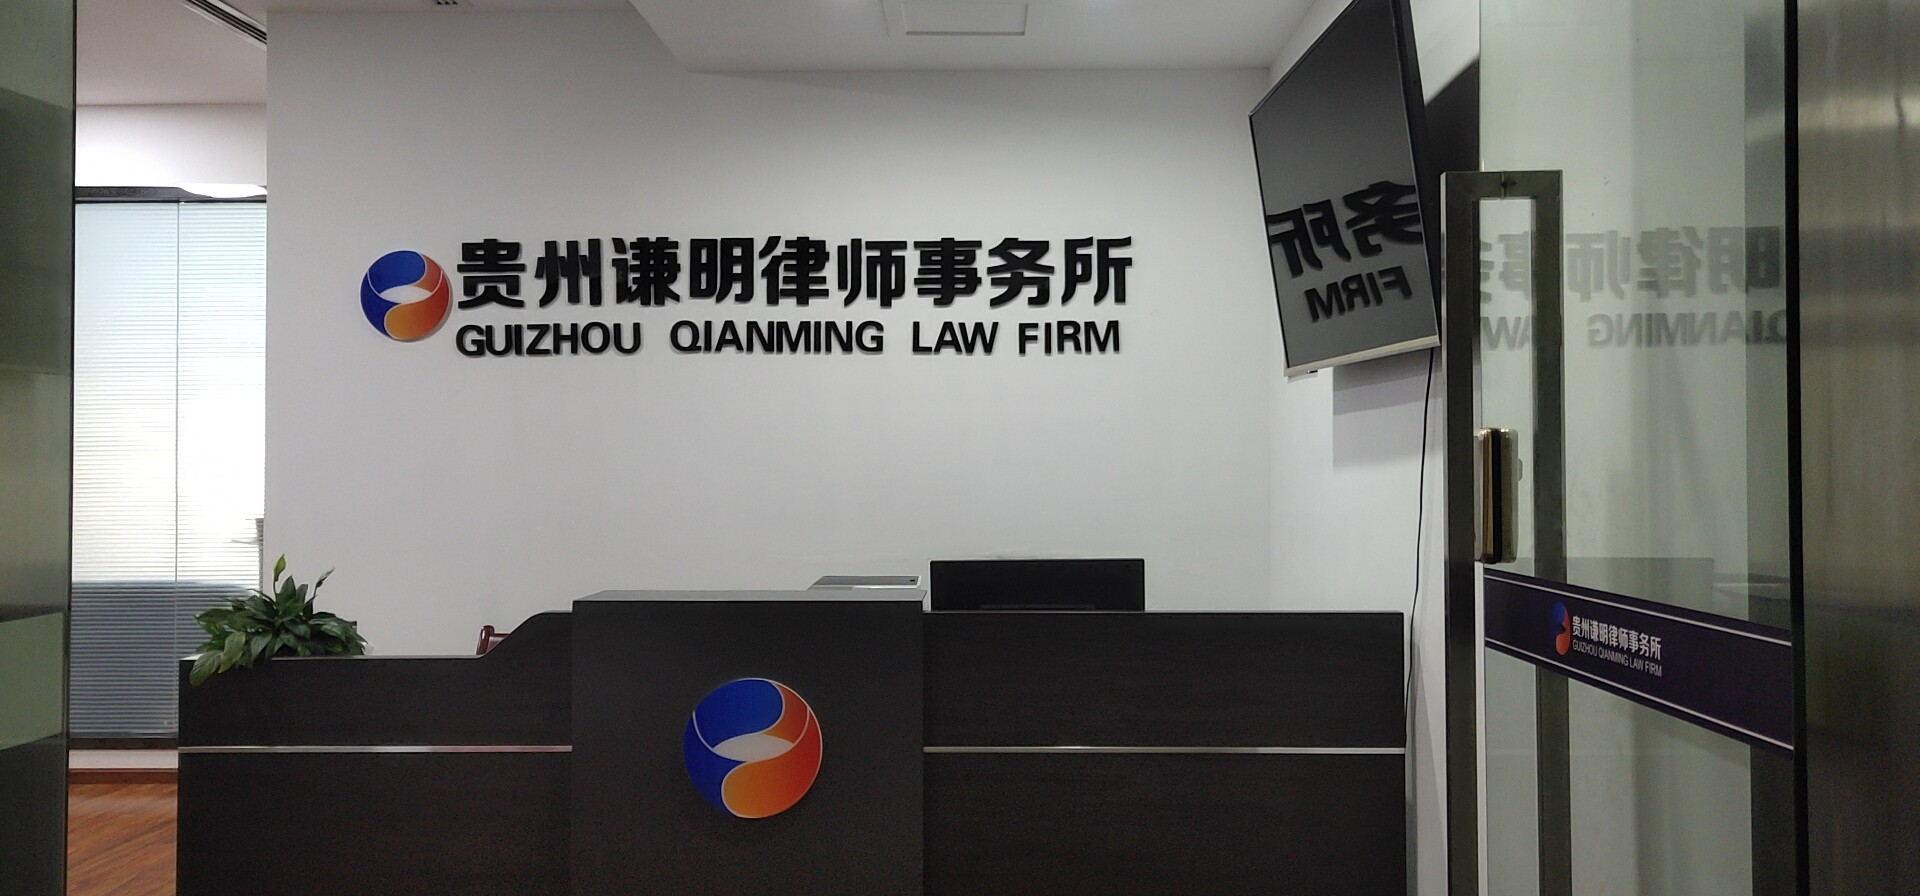 贵州谦明律师事务所